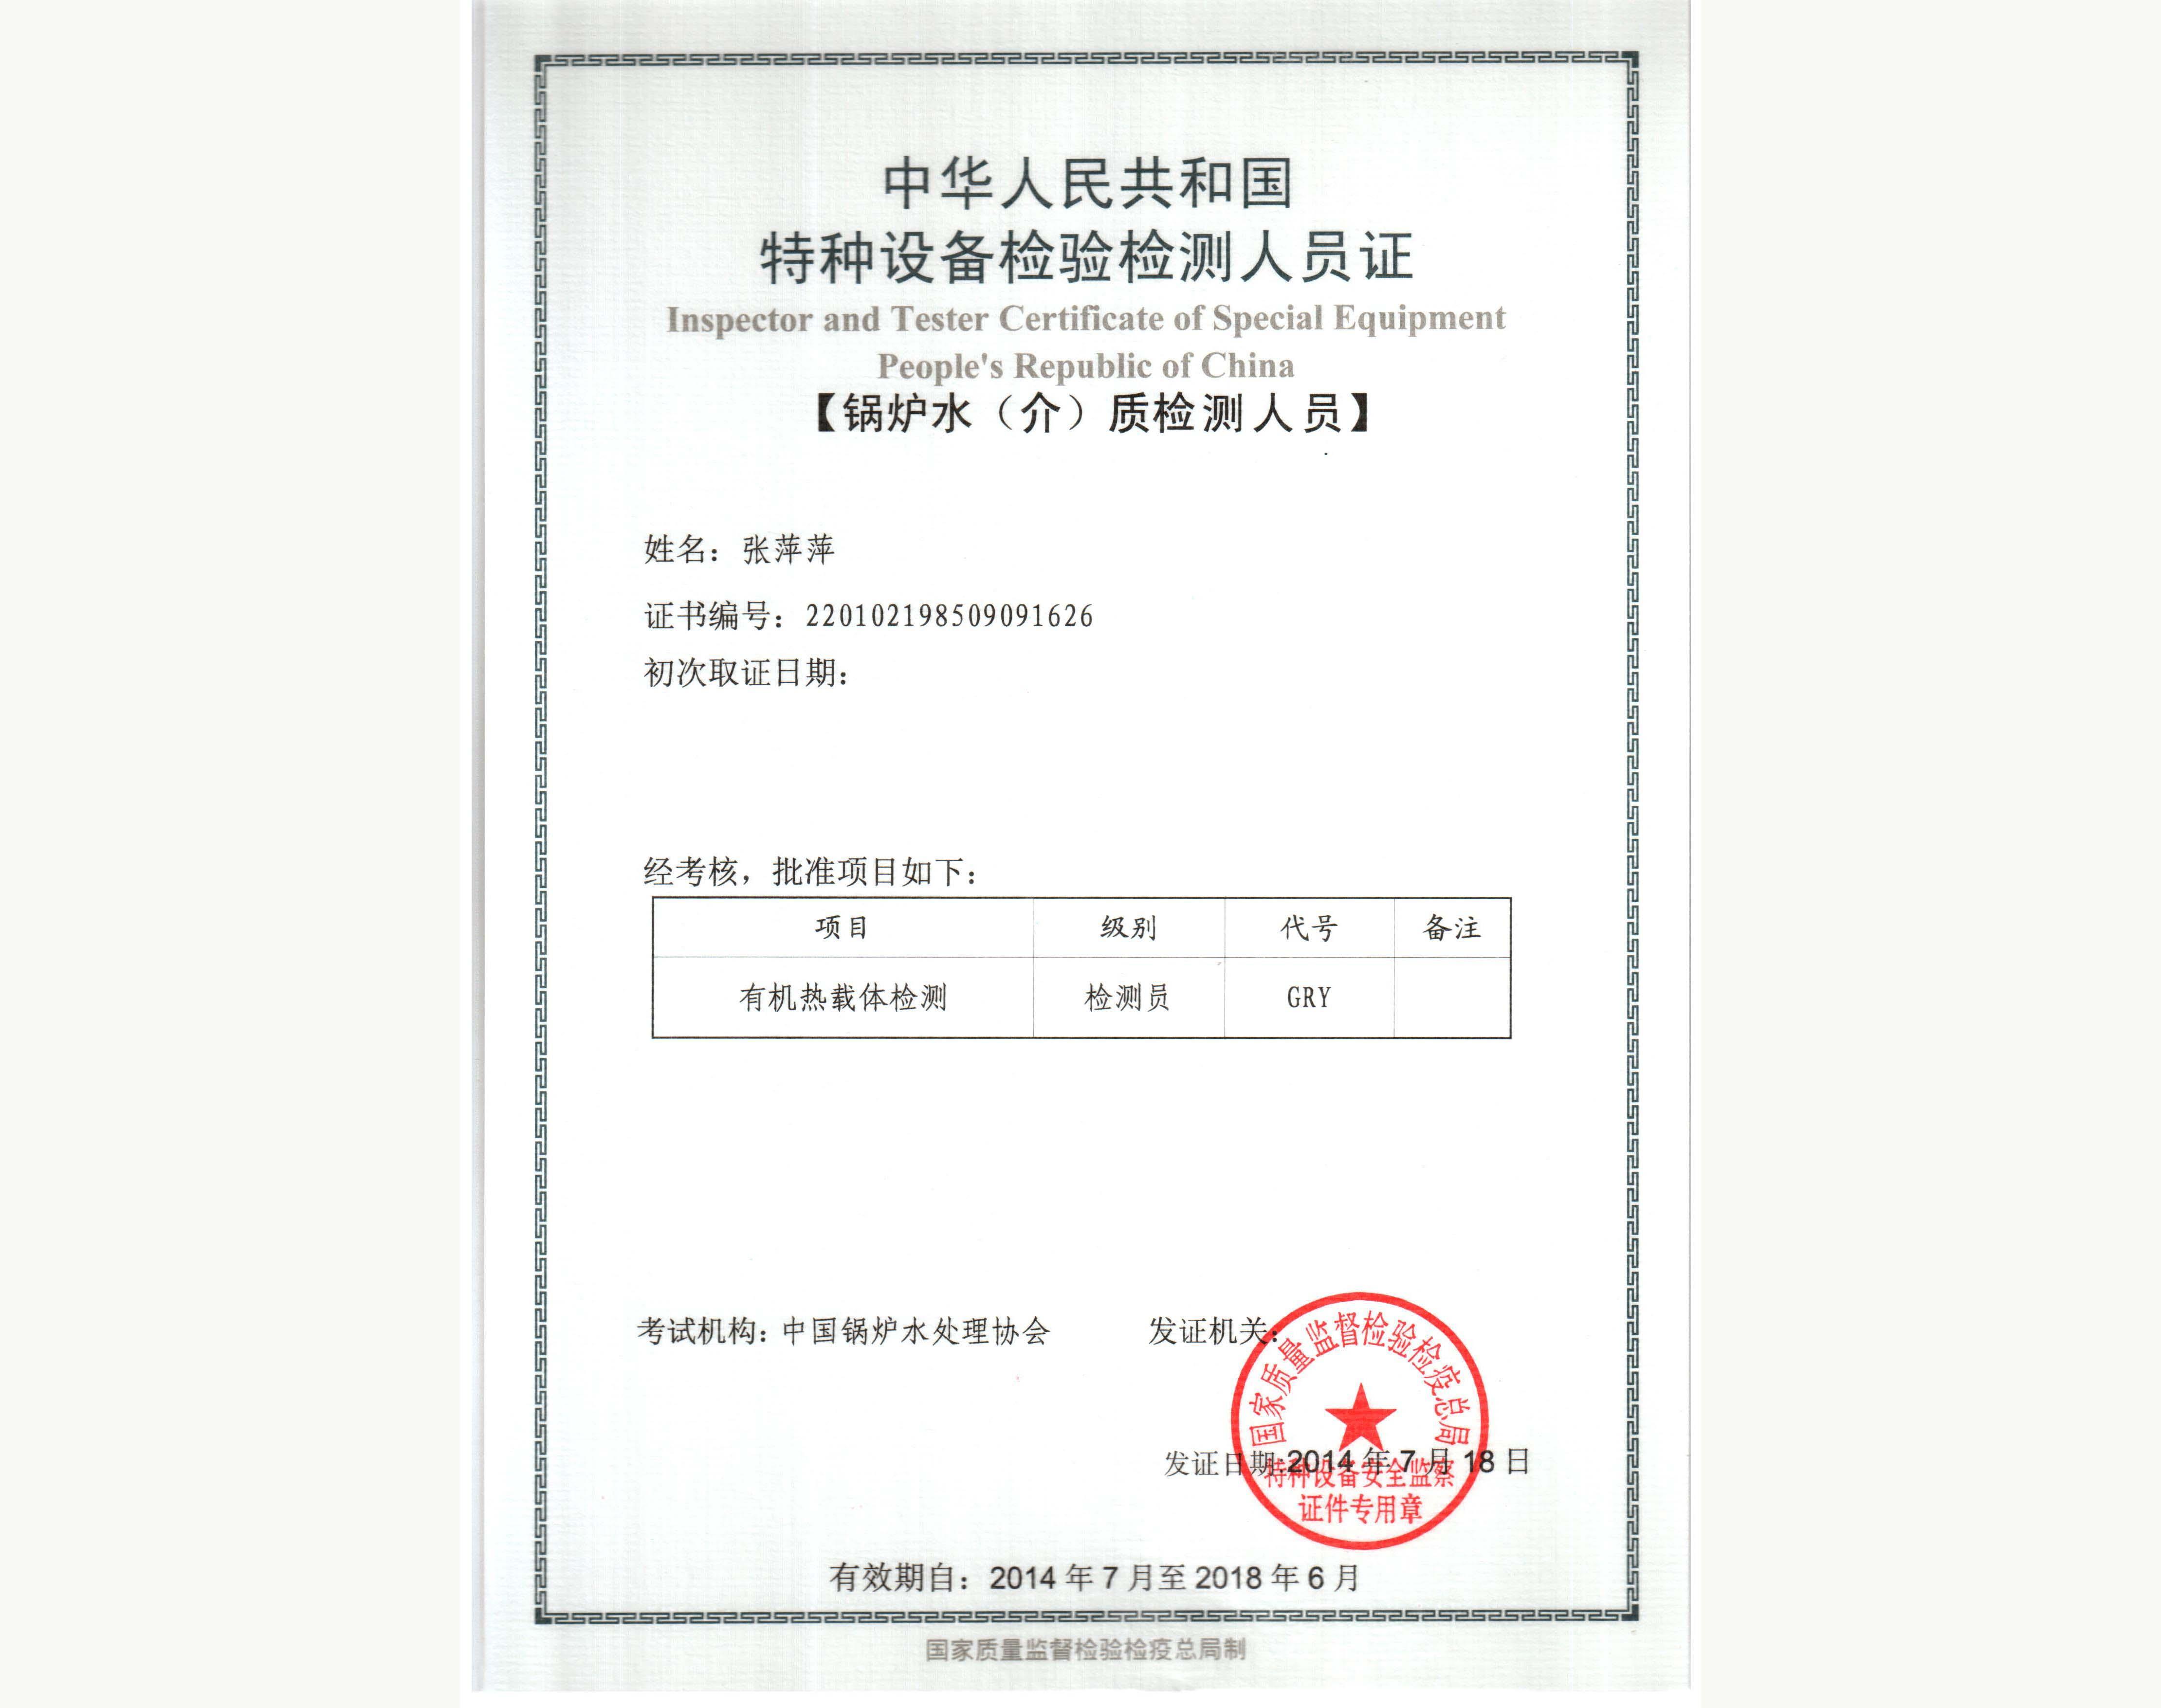 锅炉水(介)质检测人员证书 张萍萍